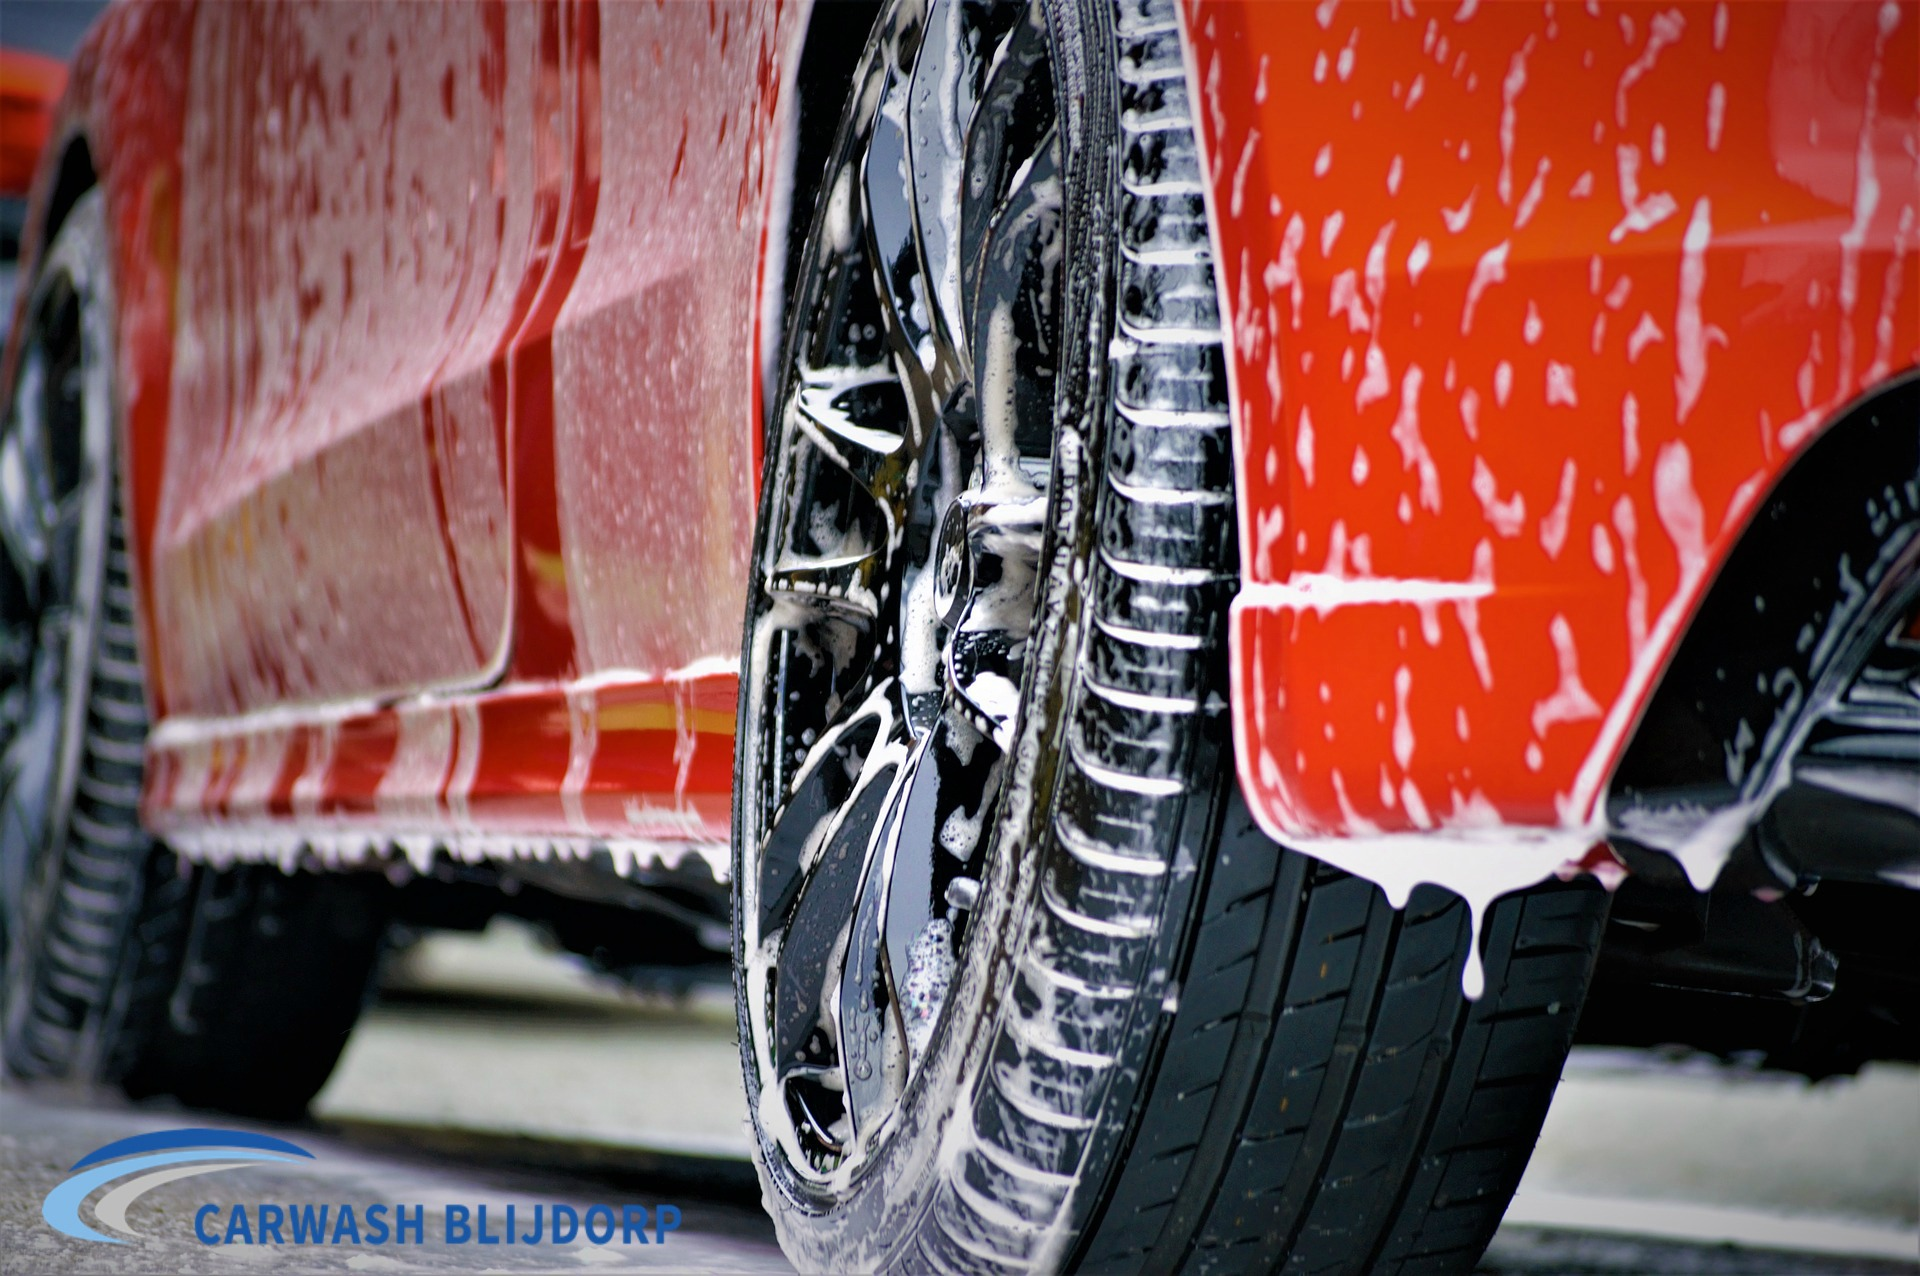 car-wash-3960877_1920_edited